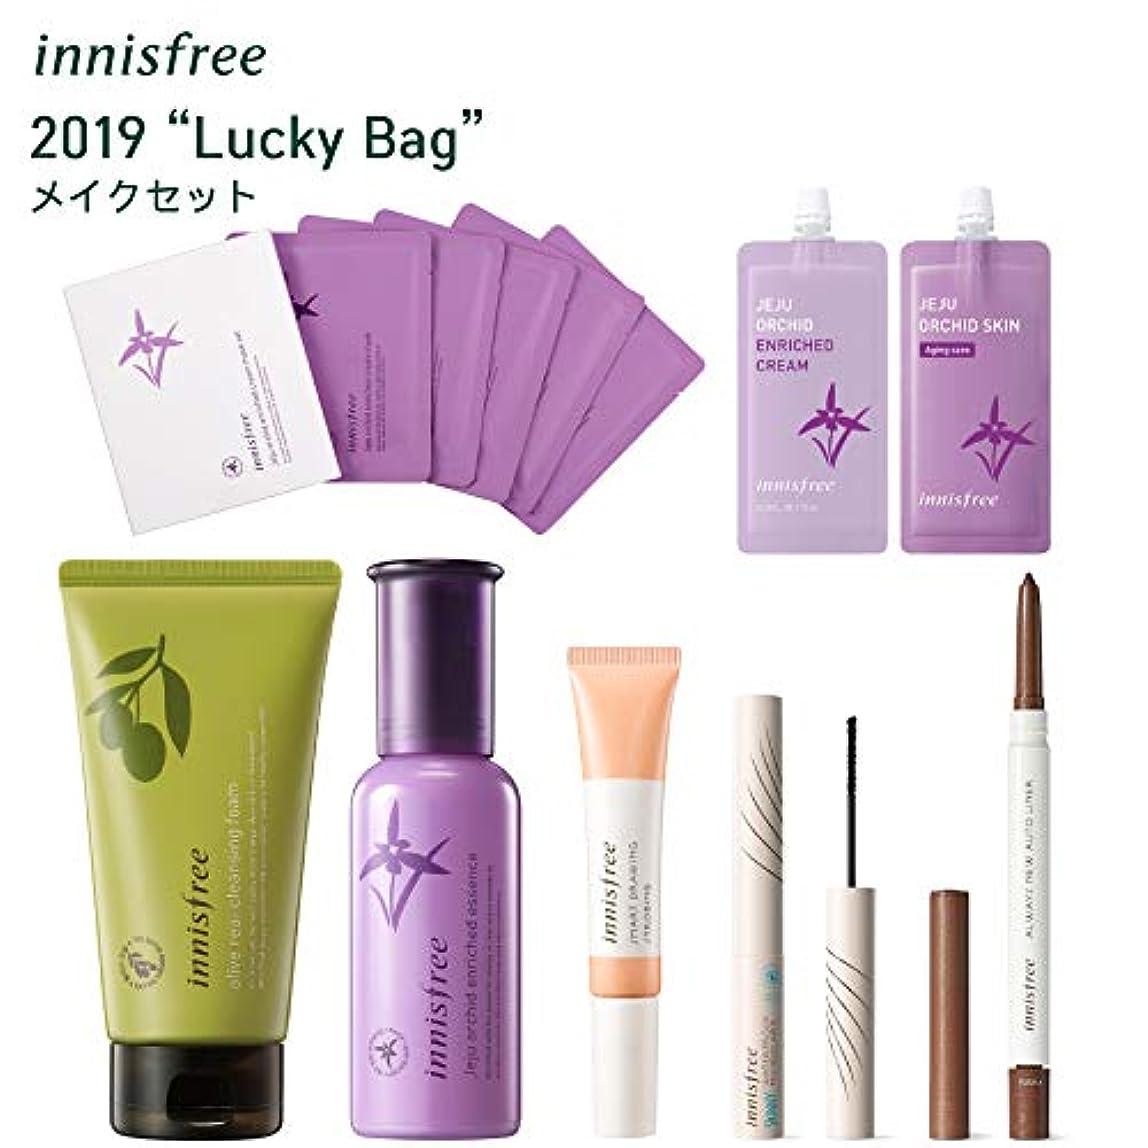 ヨーグルト飼いならすデンマーク語【Amazon.co.jp 限定】イニスフリー日本公式(innisfree)Lucky Bag 2019(メイク)[福袋]